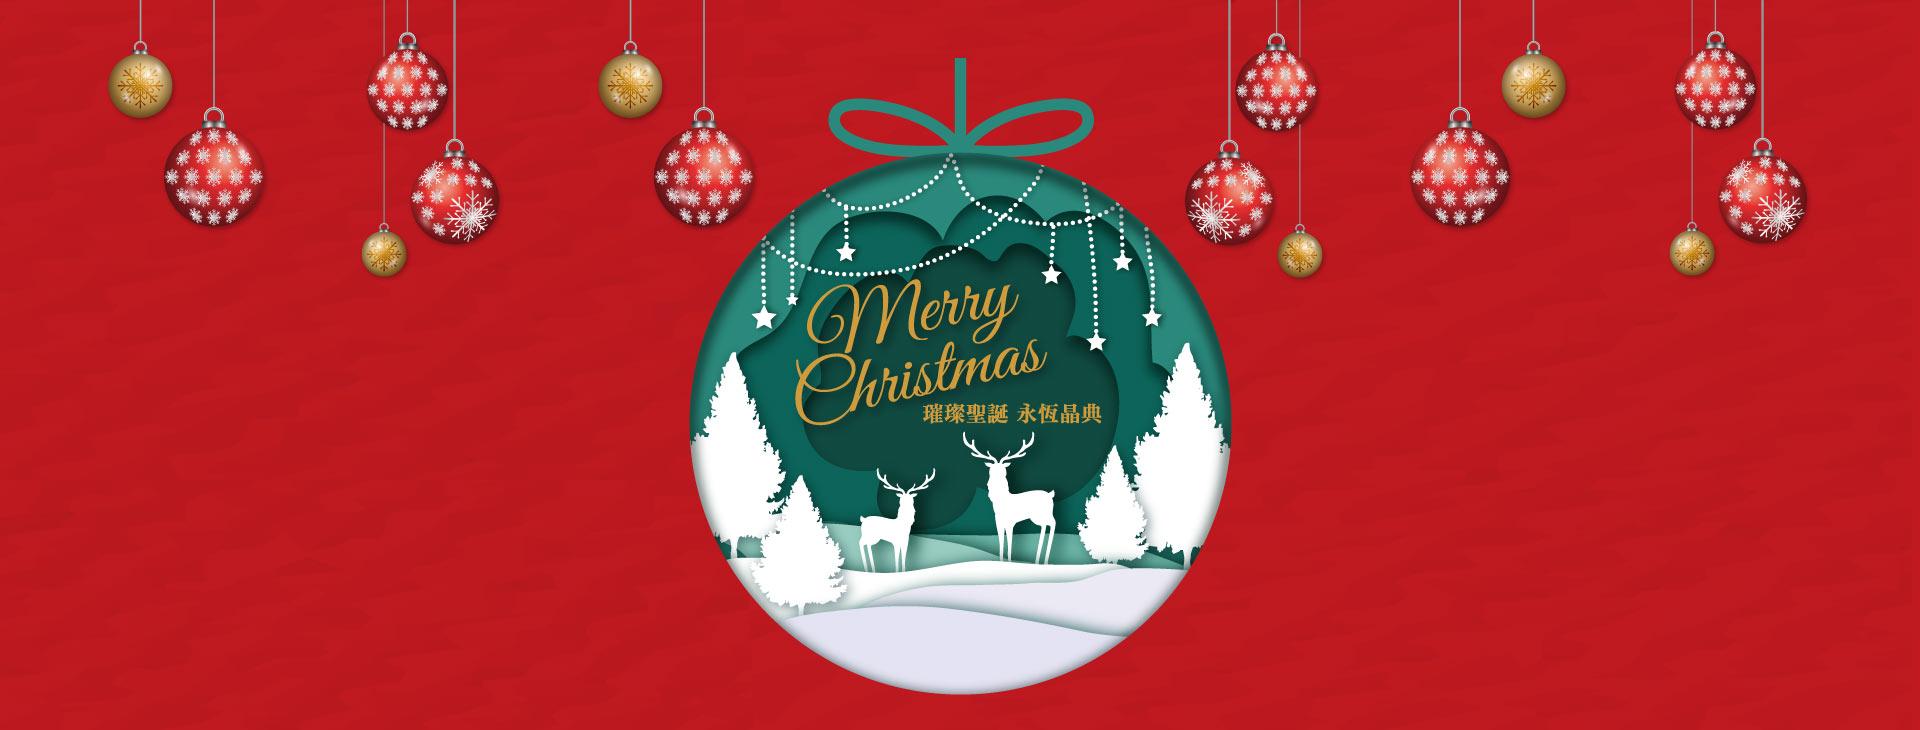 璀璨聖誕 永恆晶典